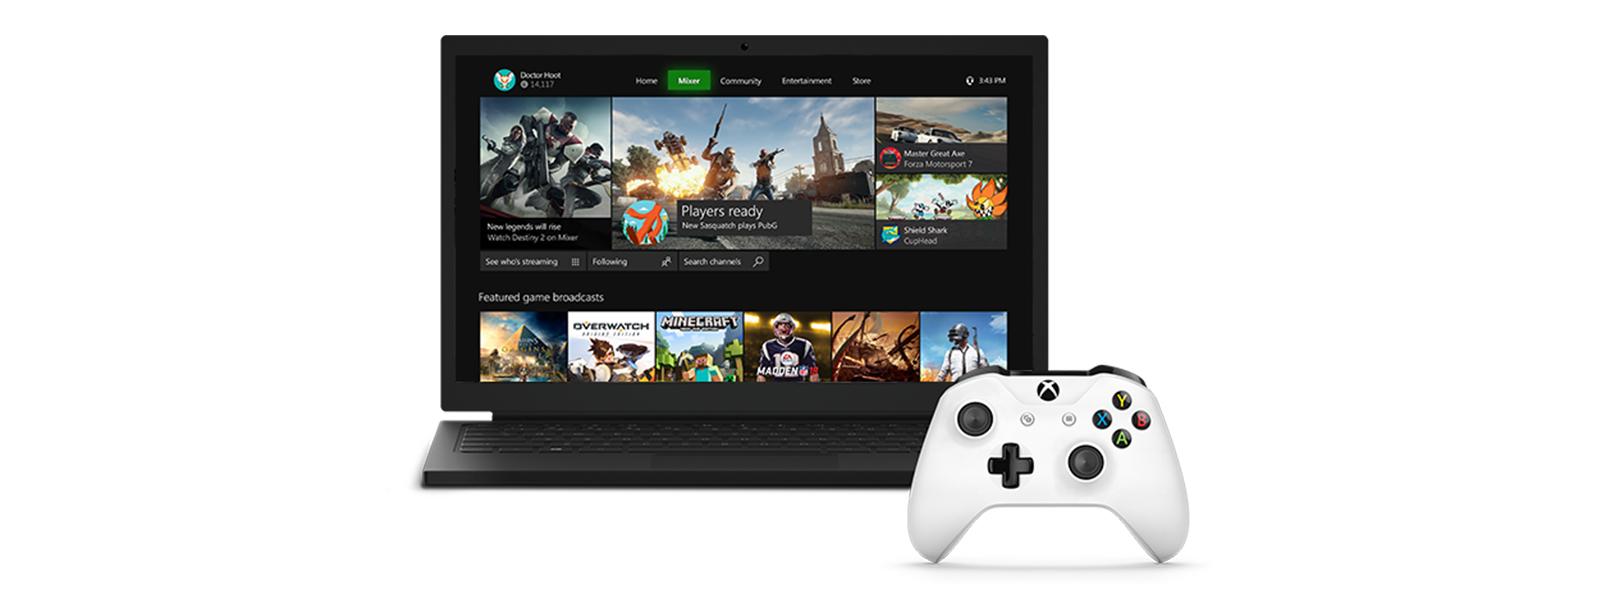 Νέο περιβάλλον εργασίας χρήστη Mixer για παιχνίδια Windows 10